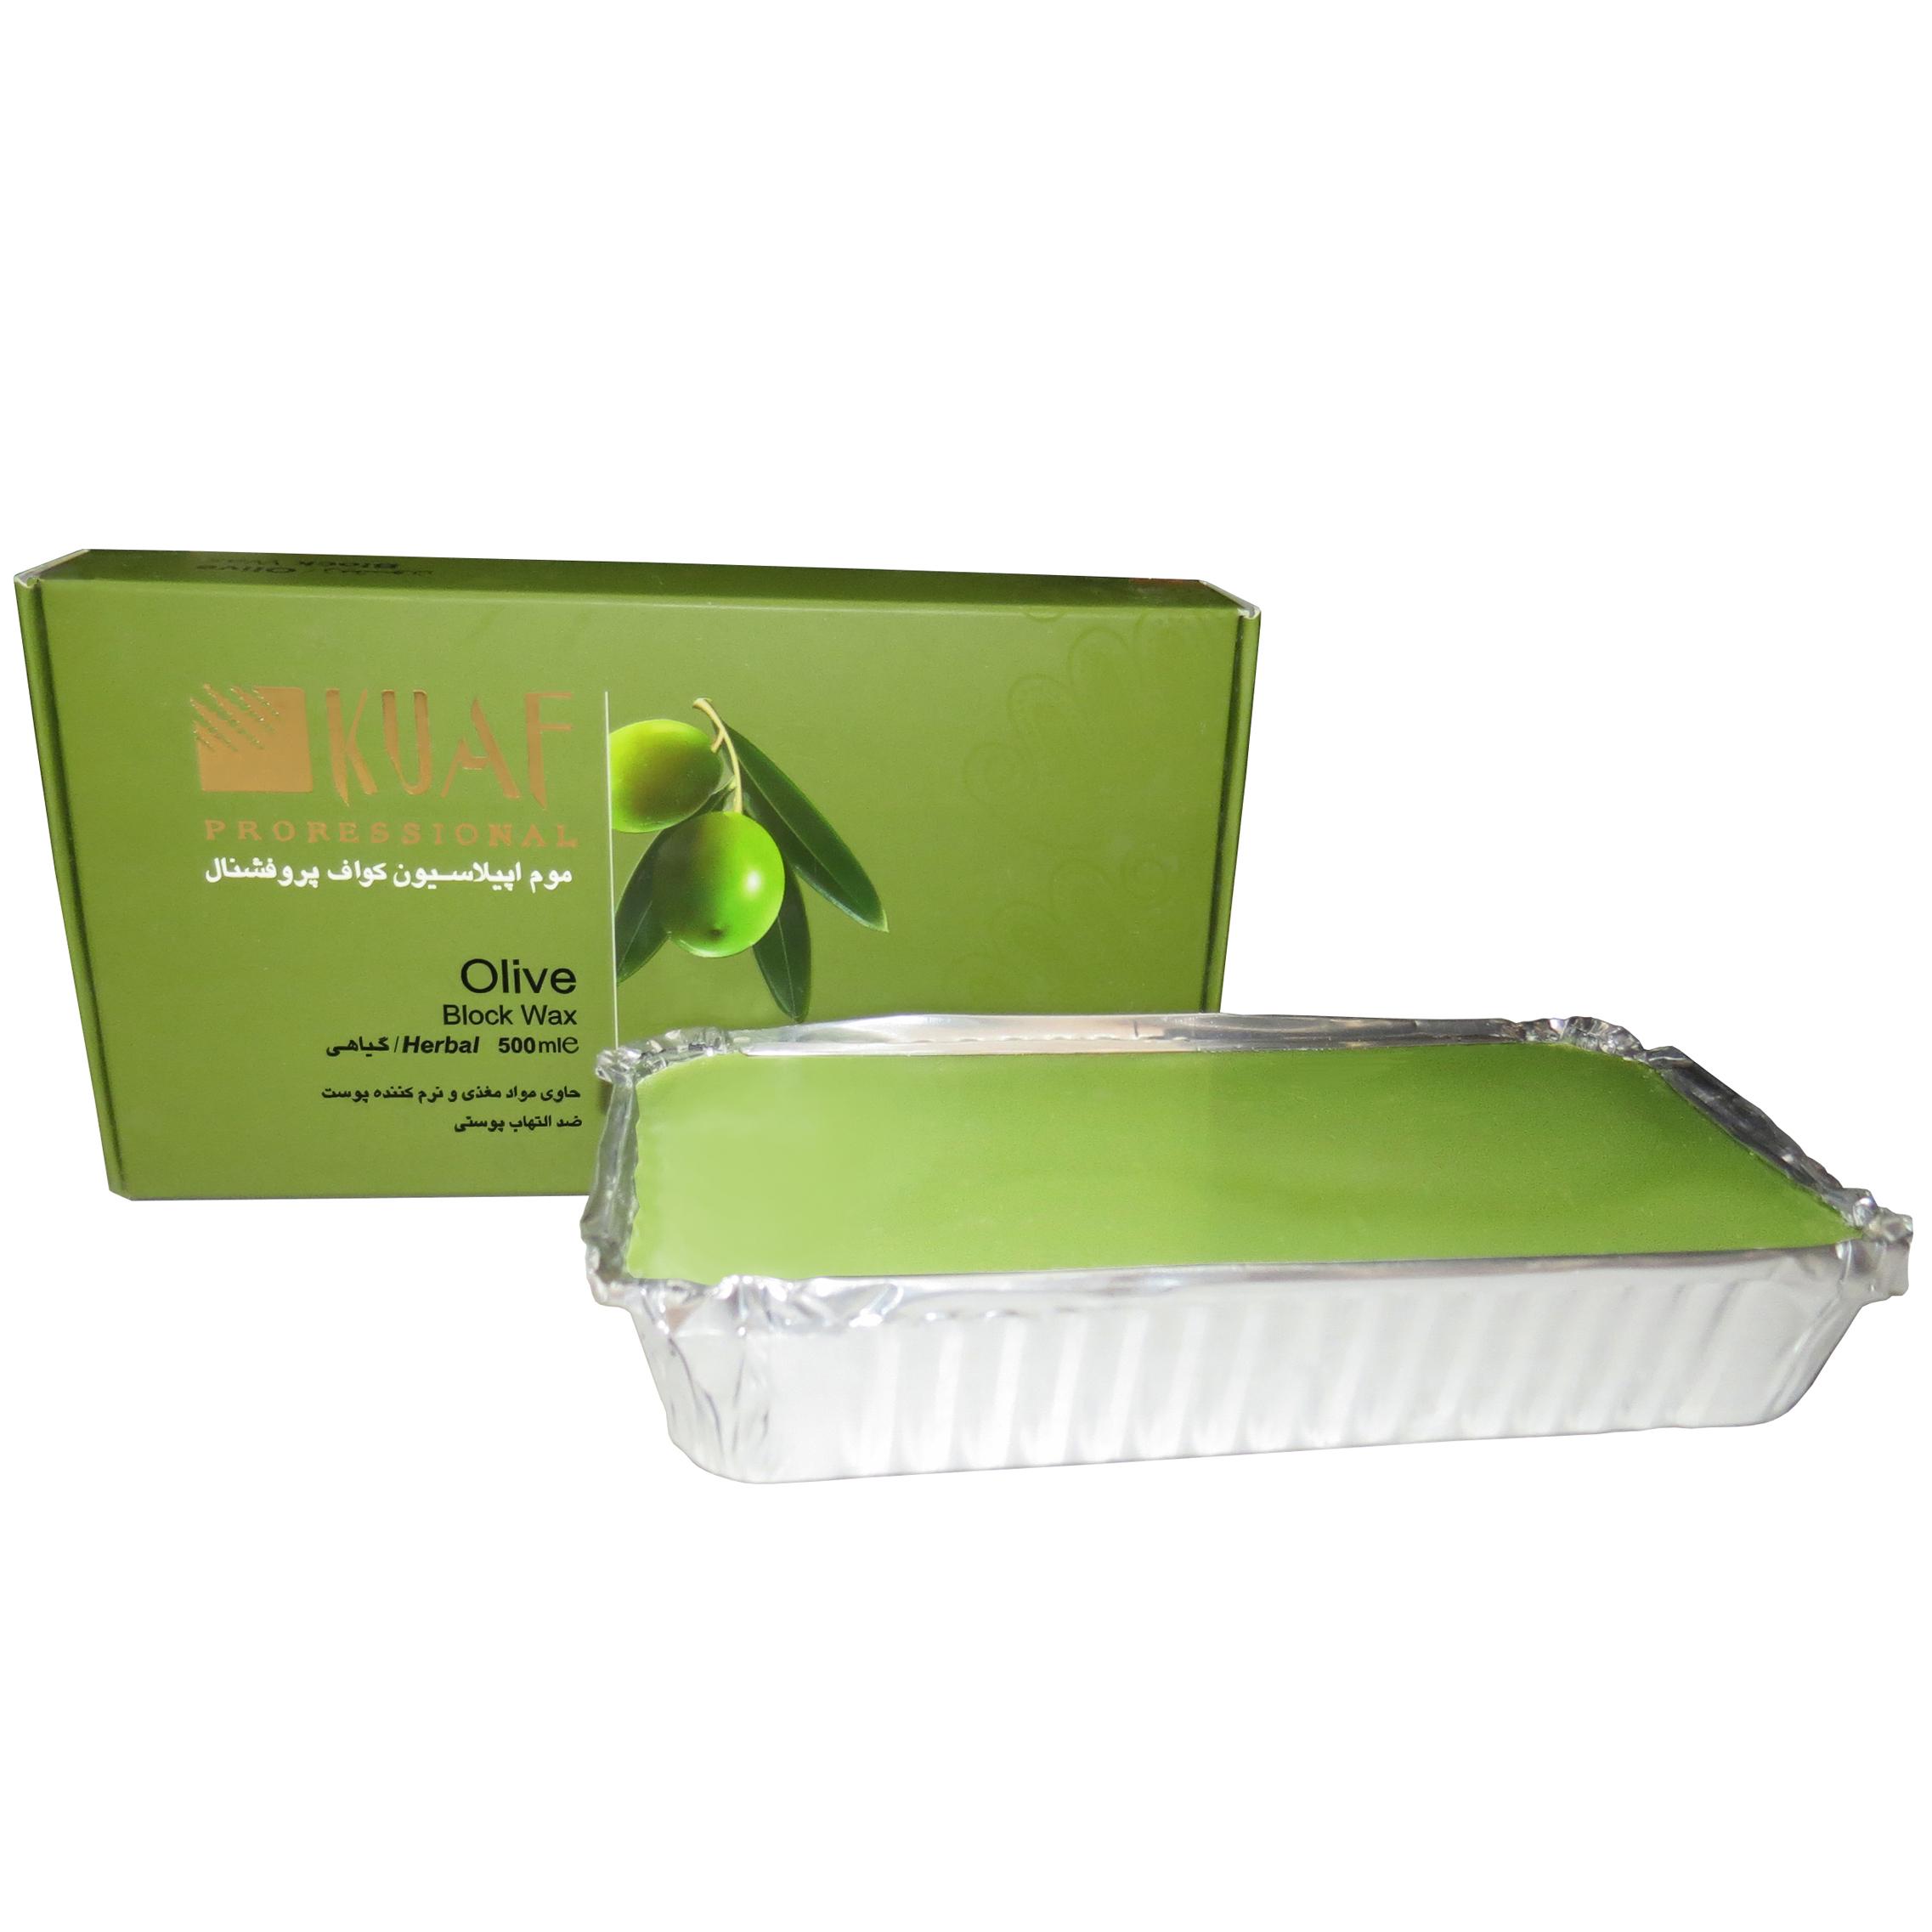 خرید                      وکس موبر کواف مدل Olive حجم 500 میلی لیتر              ✅